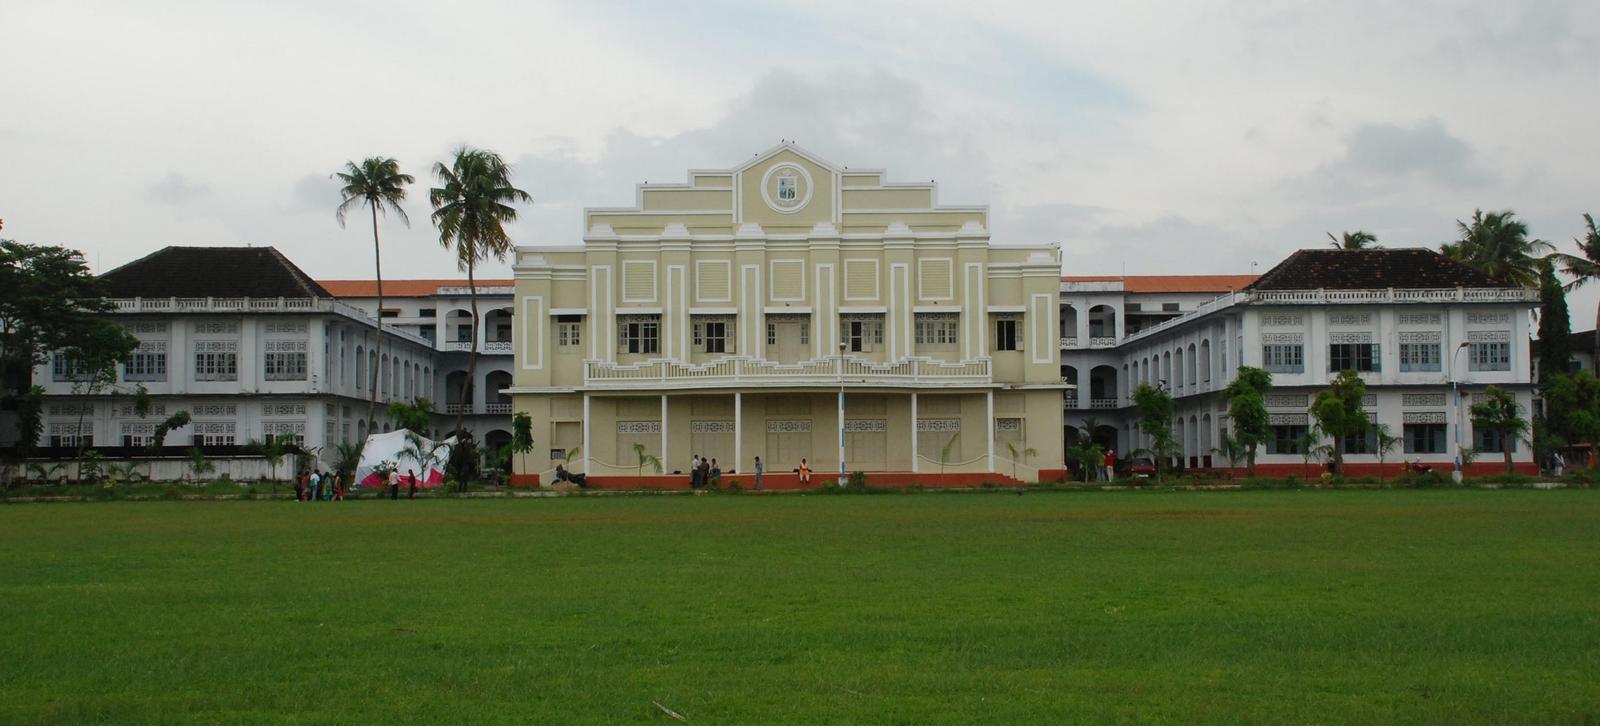 sacred heart college shc kochi